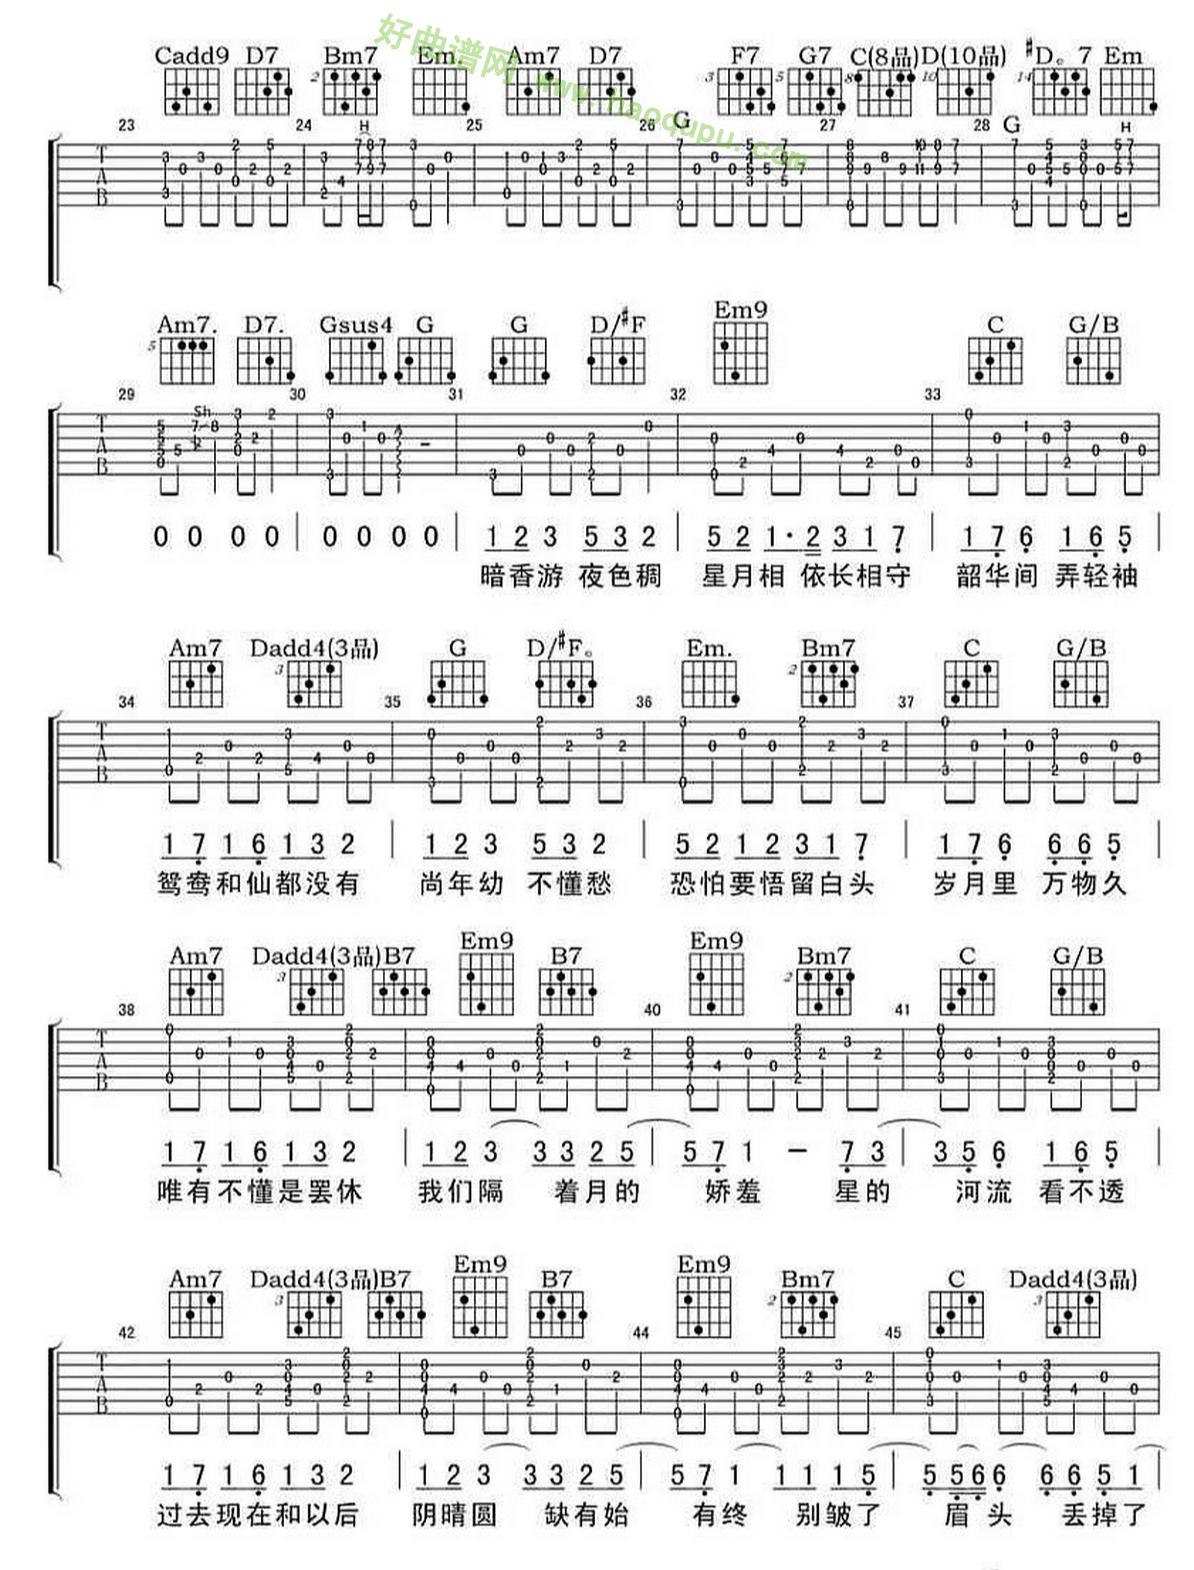 《相守》(栗先达演唱)吉他谱第2张